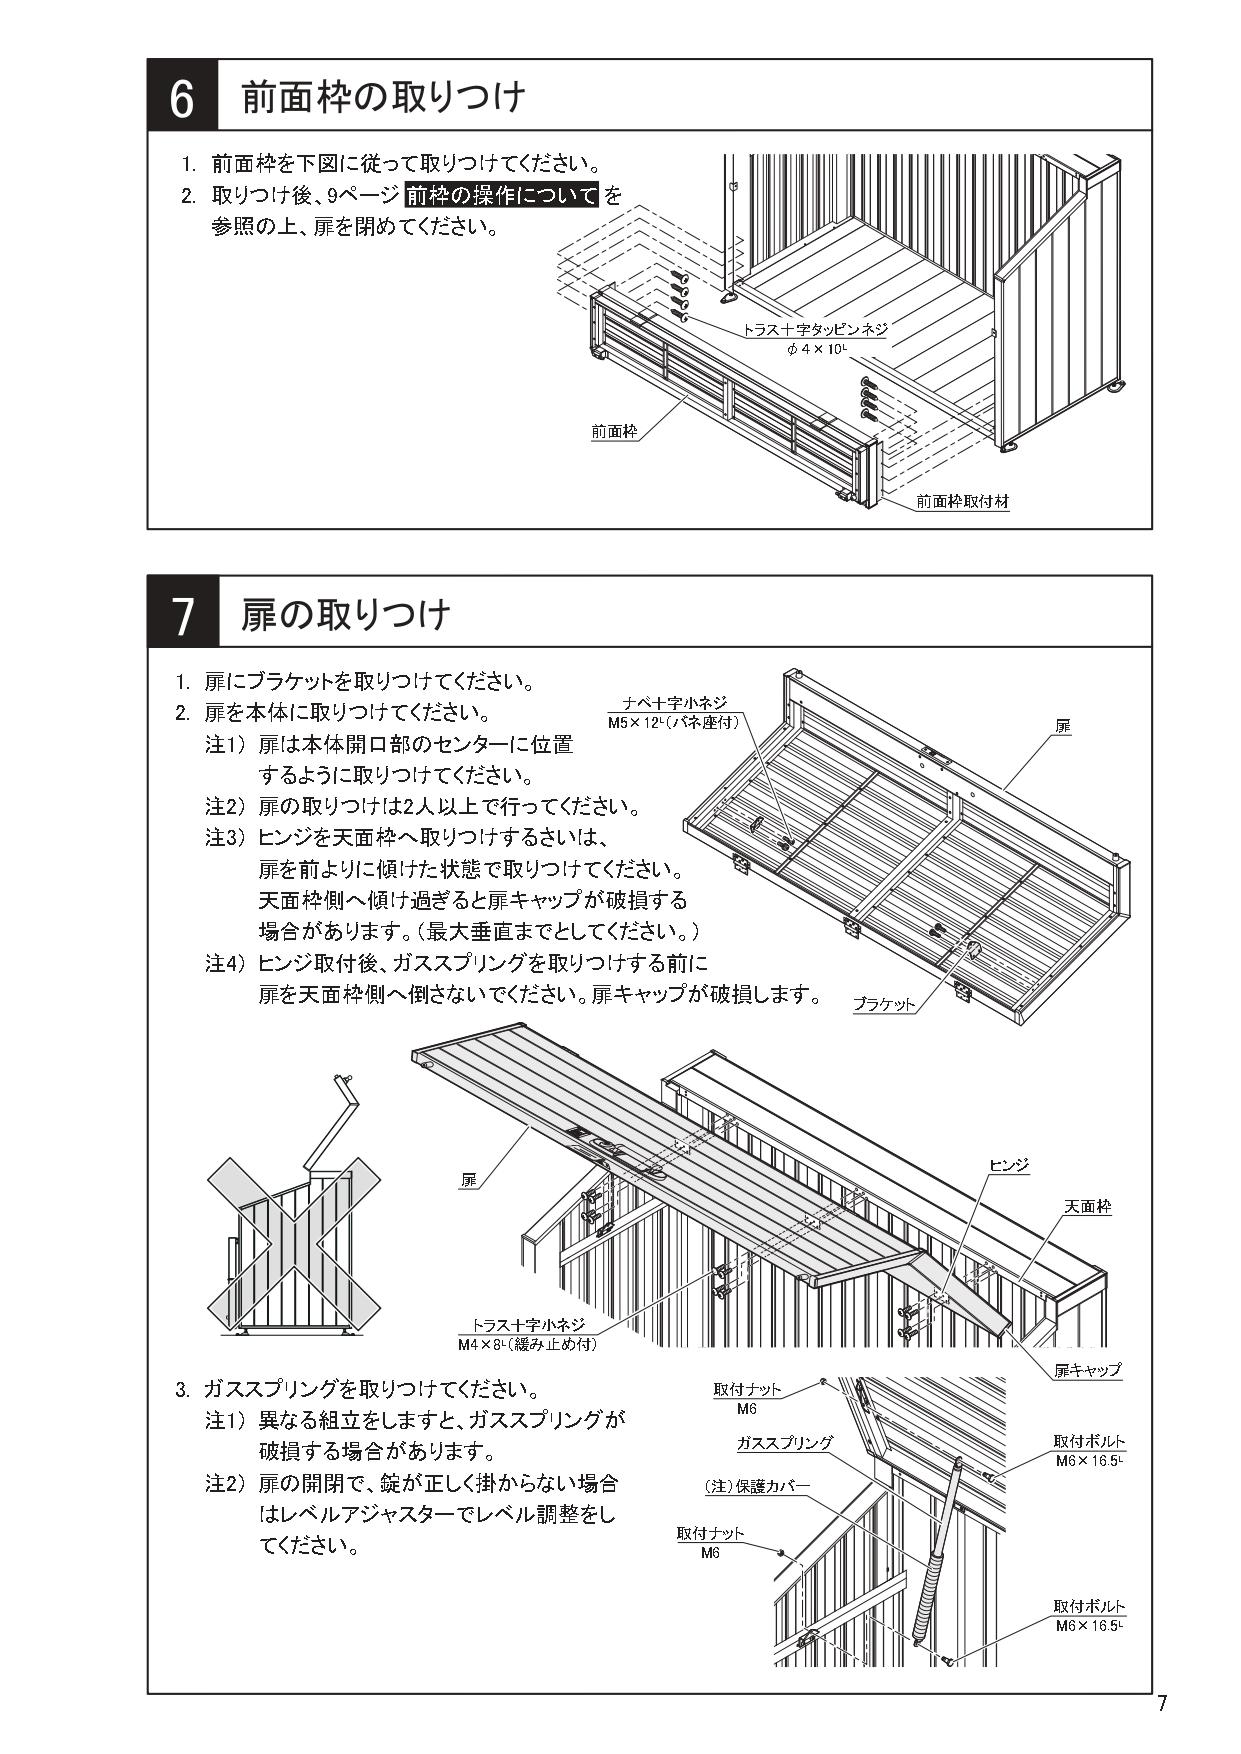 ゴミストッカーWP1型 施工説明書_page-0007